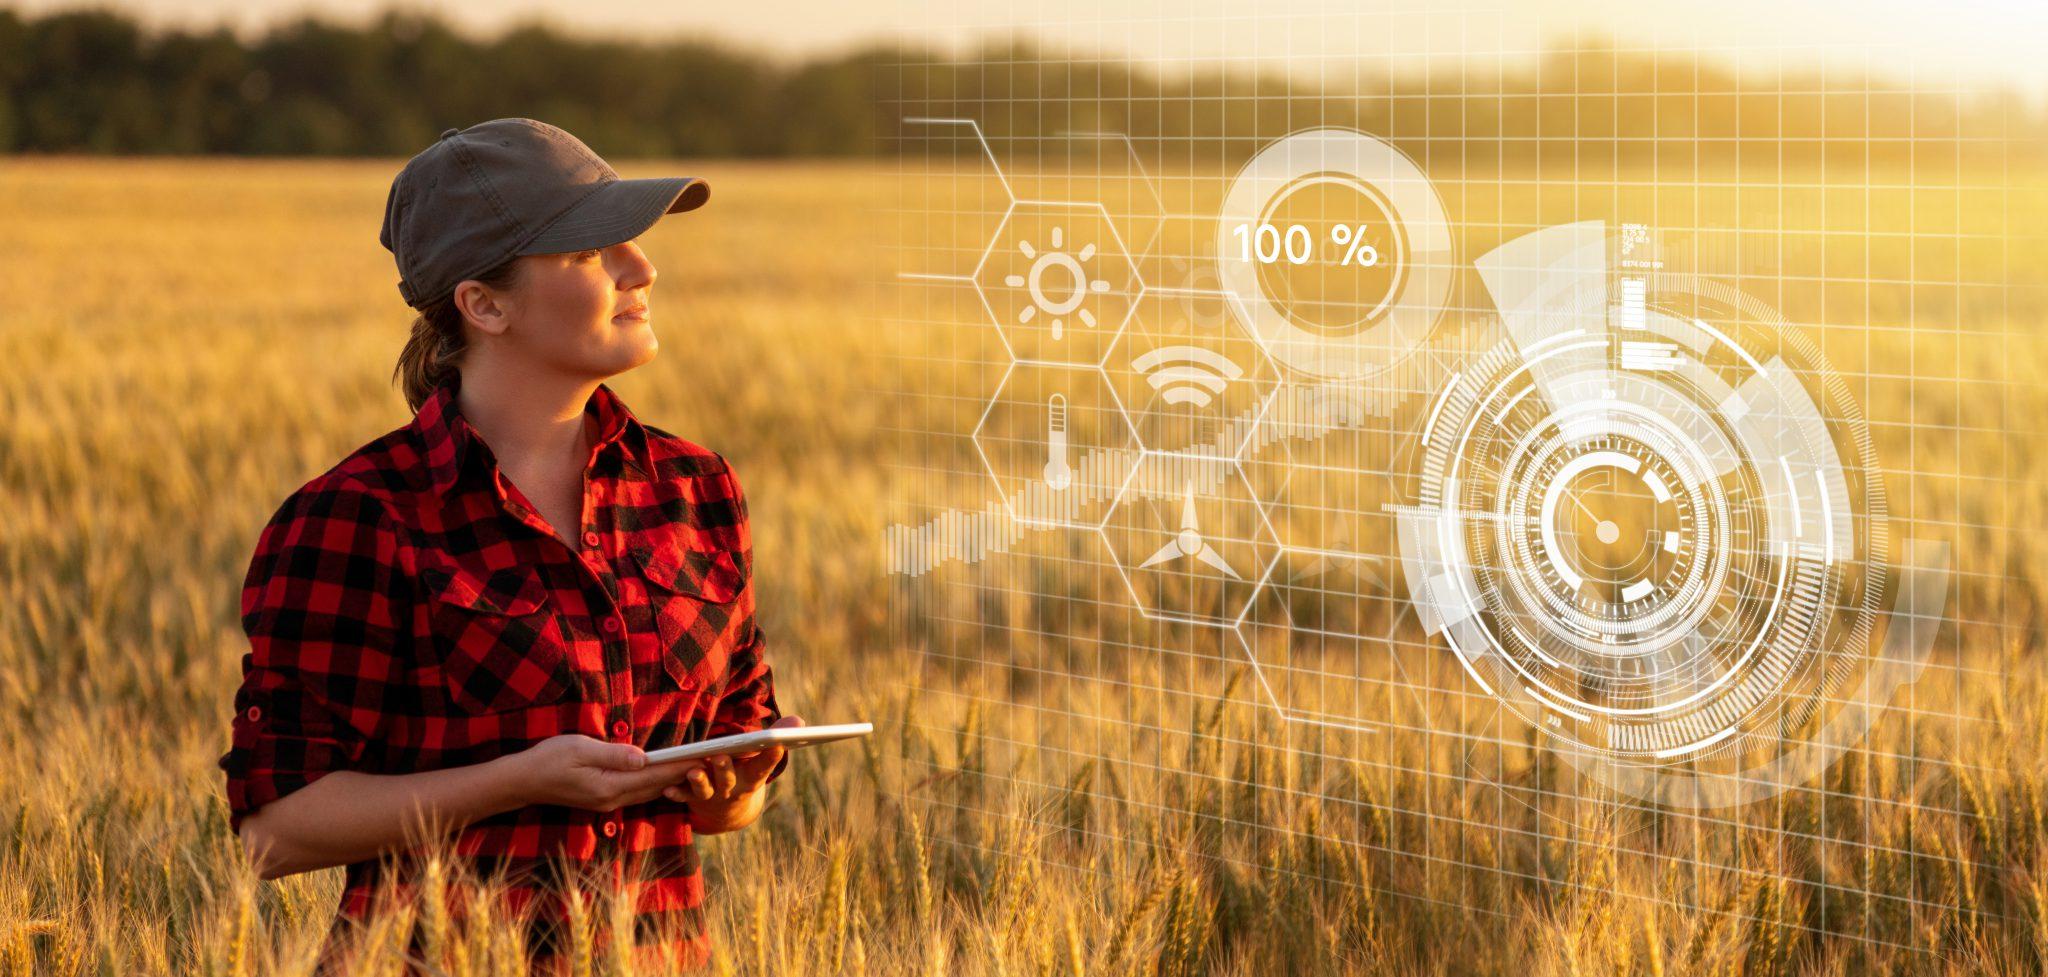 Digitalização é ponto fundamental para a evolução dos resultados do agronegócio brasileiro